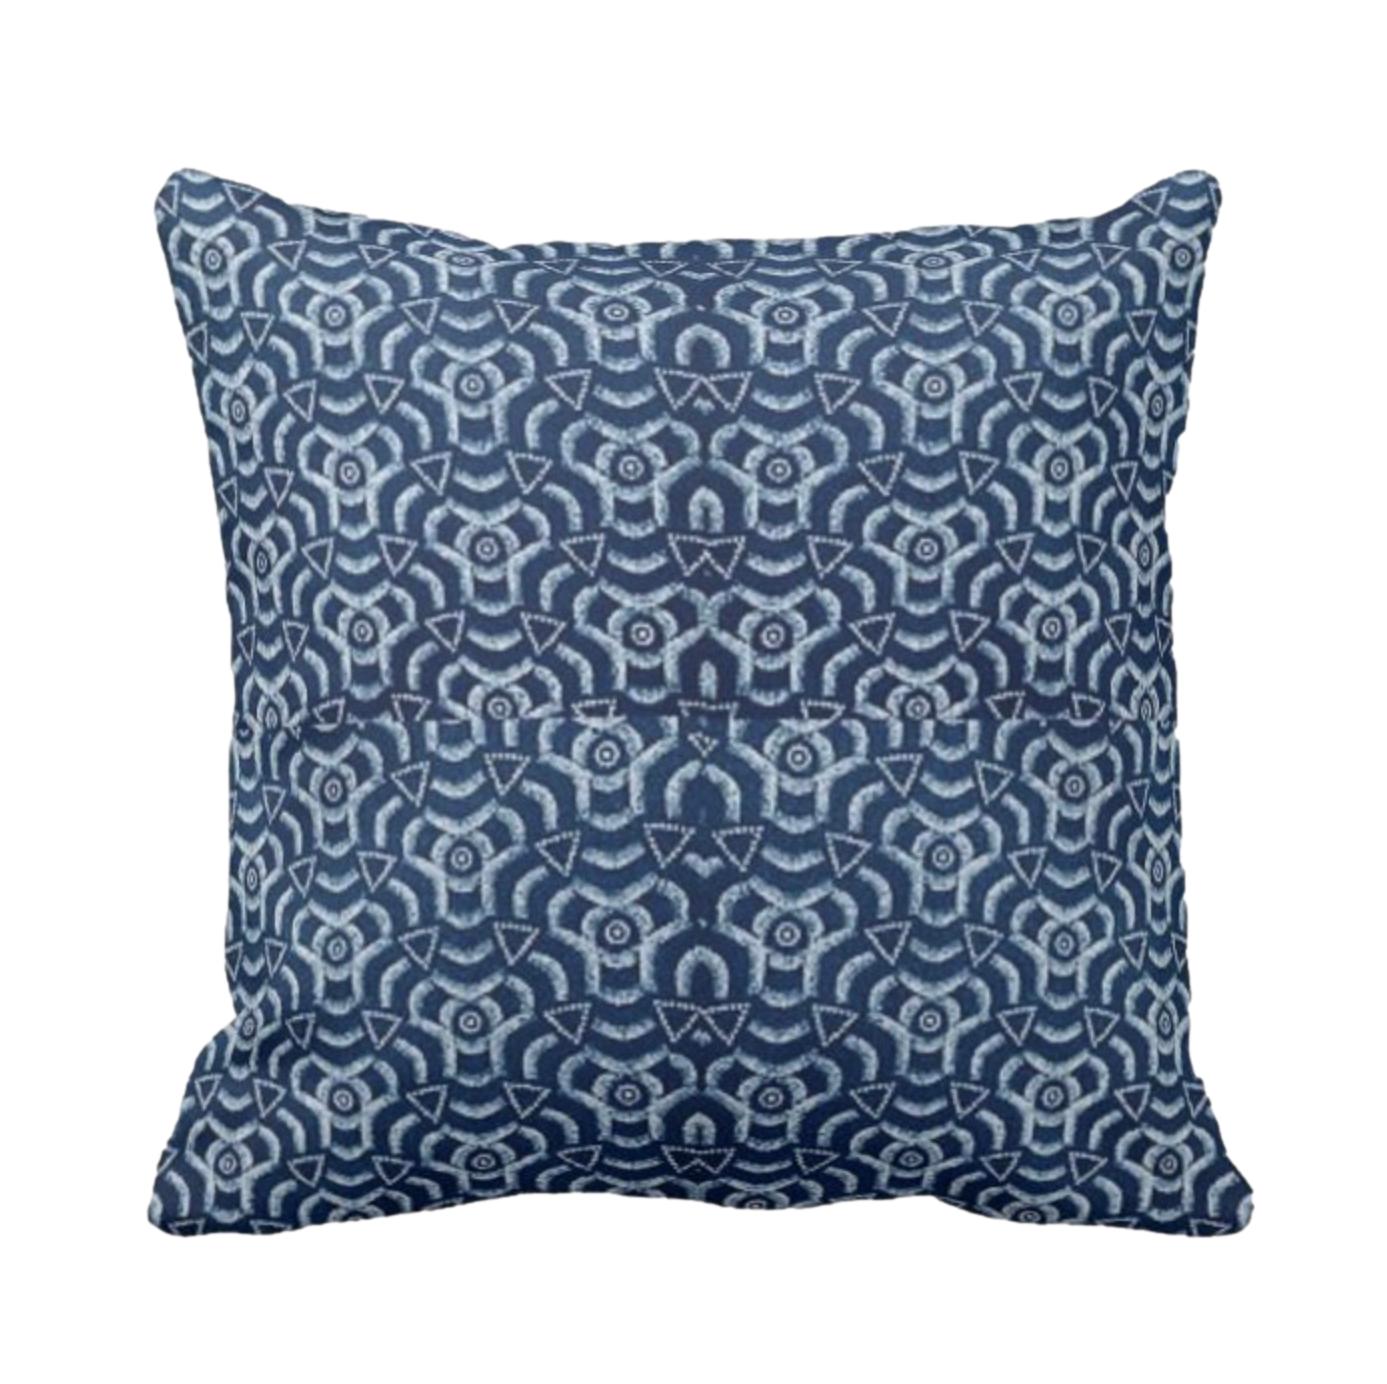 African Print Design Throw Cushion